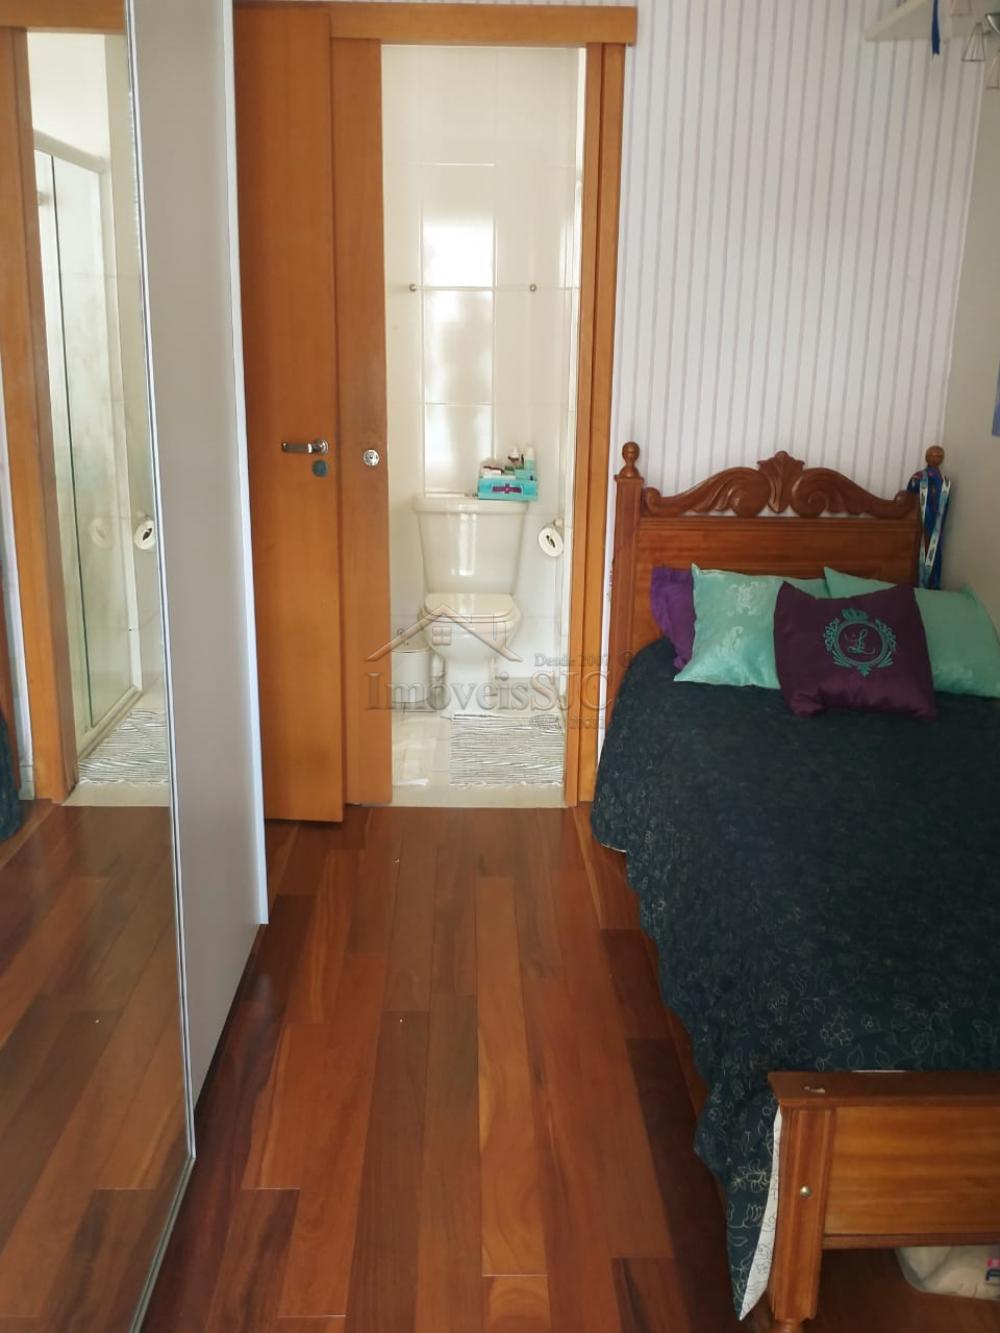 Comprar Apartamentos / Padrão em São José dos Campos apenas R$ 820.000,00 - Foto 10